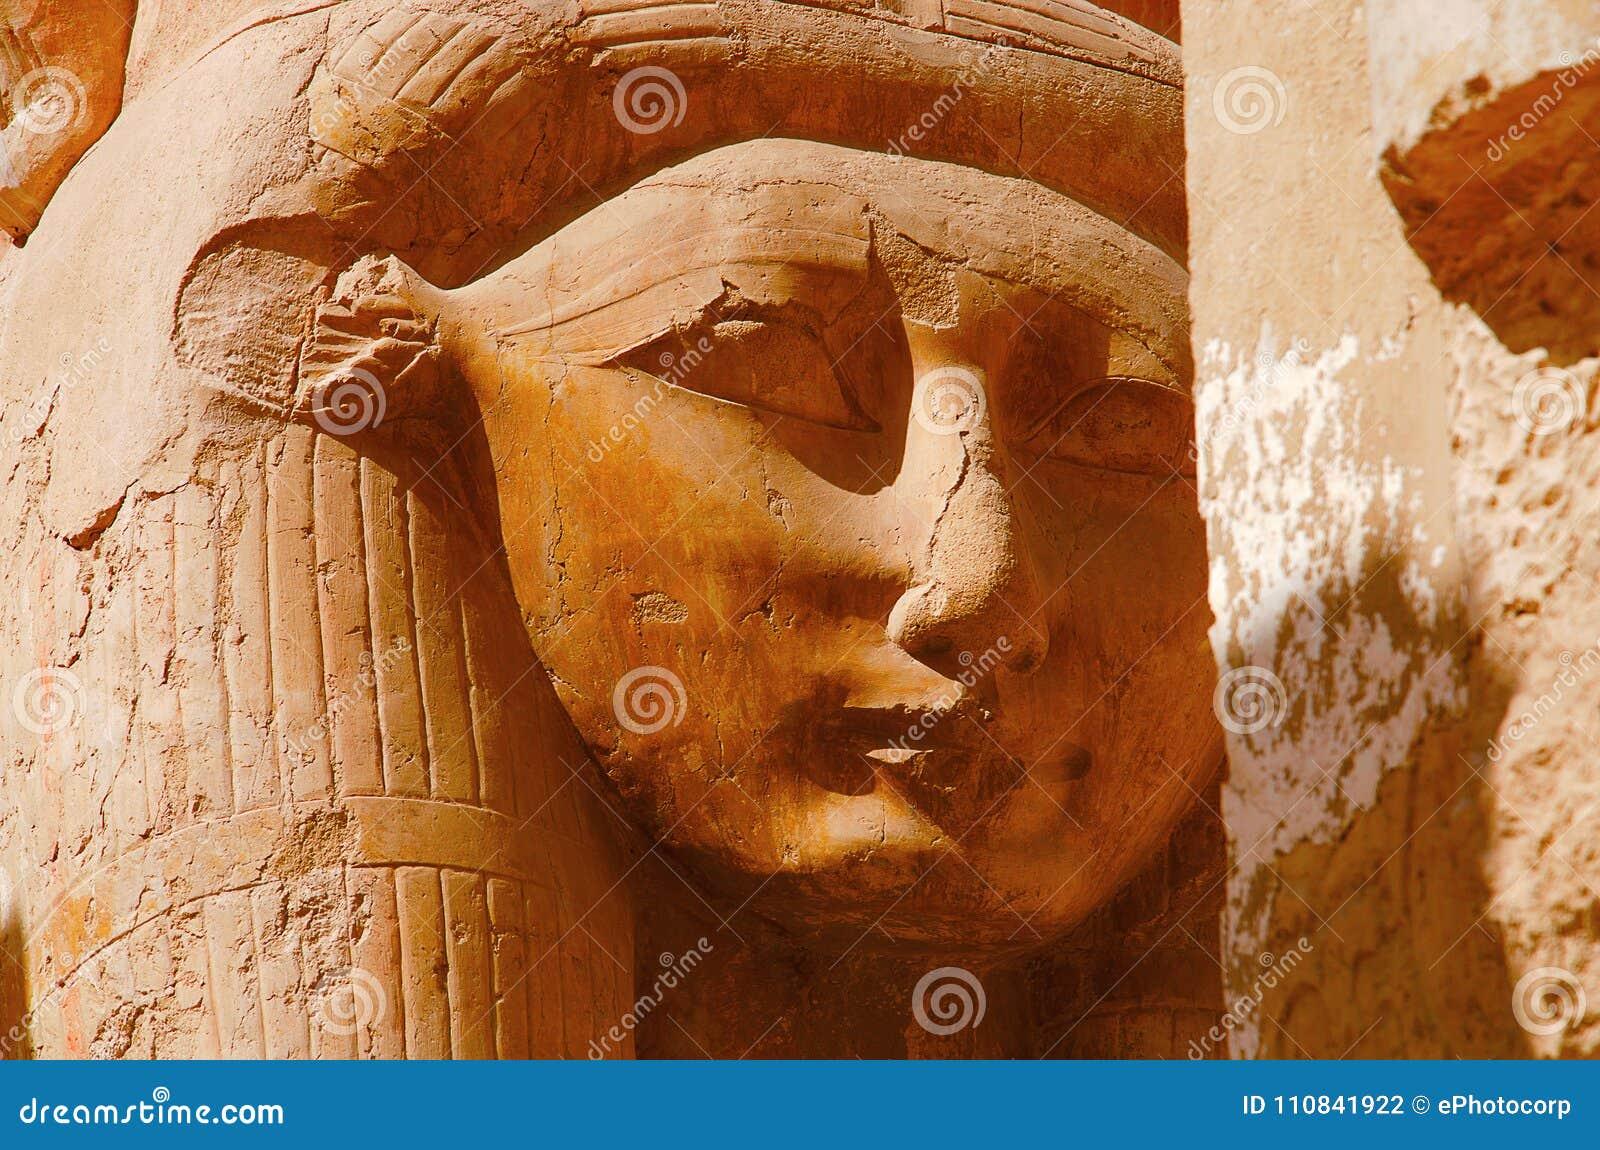 Feche acima da ideia de um ídolo da deusa Hathor, deusa da vaca, situada no terceiro assoalho do templo de Hatshepsut